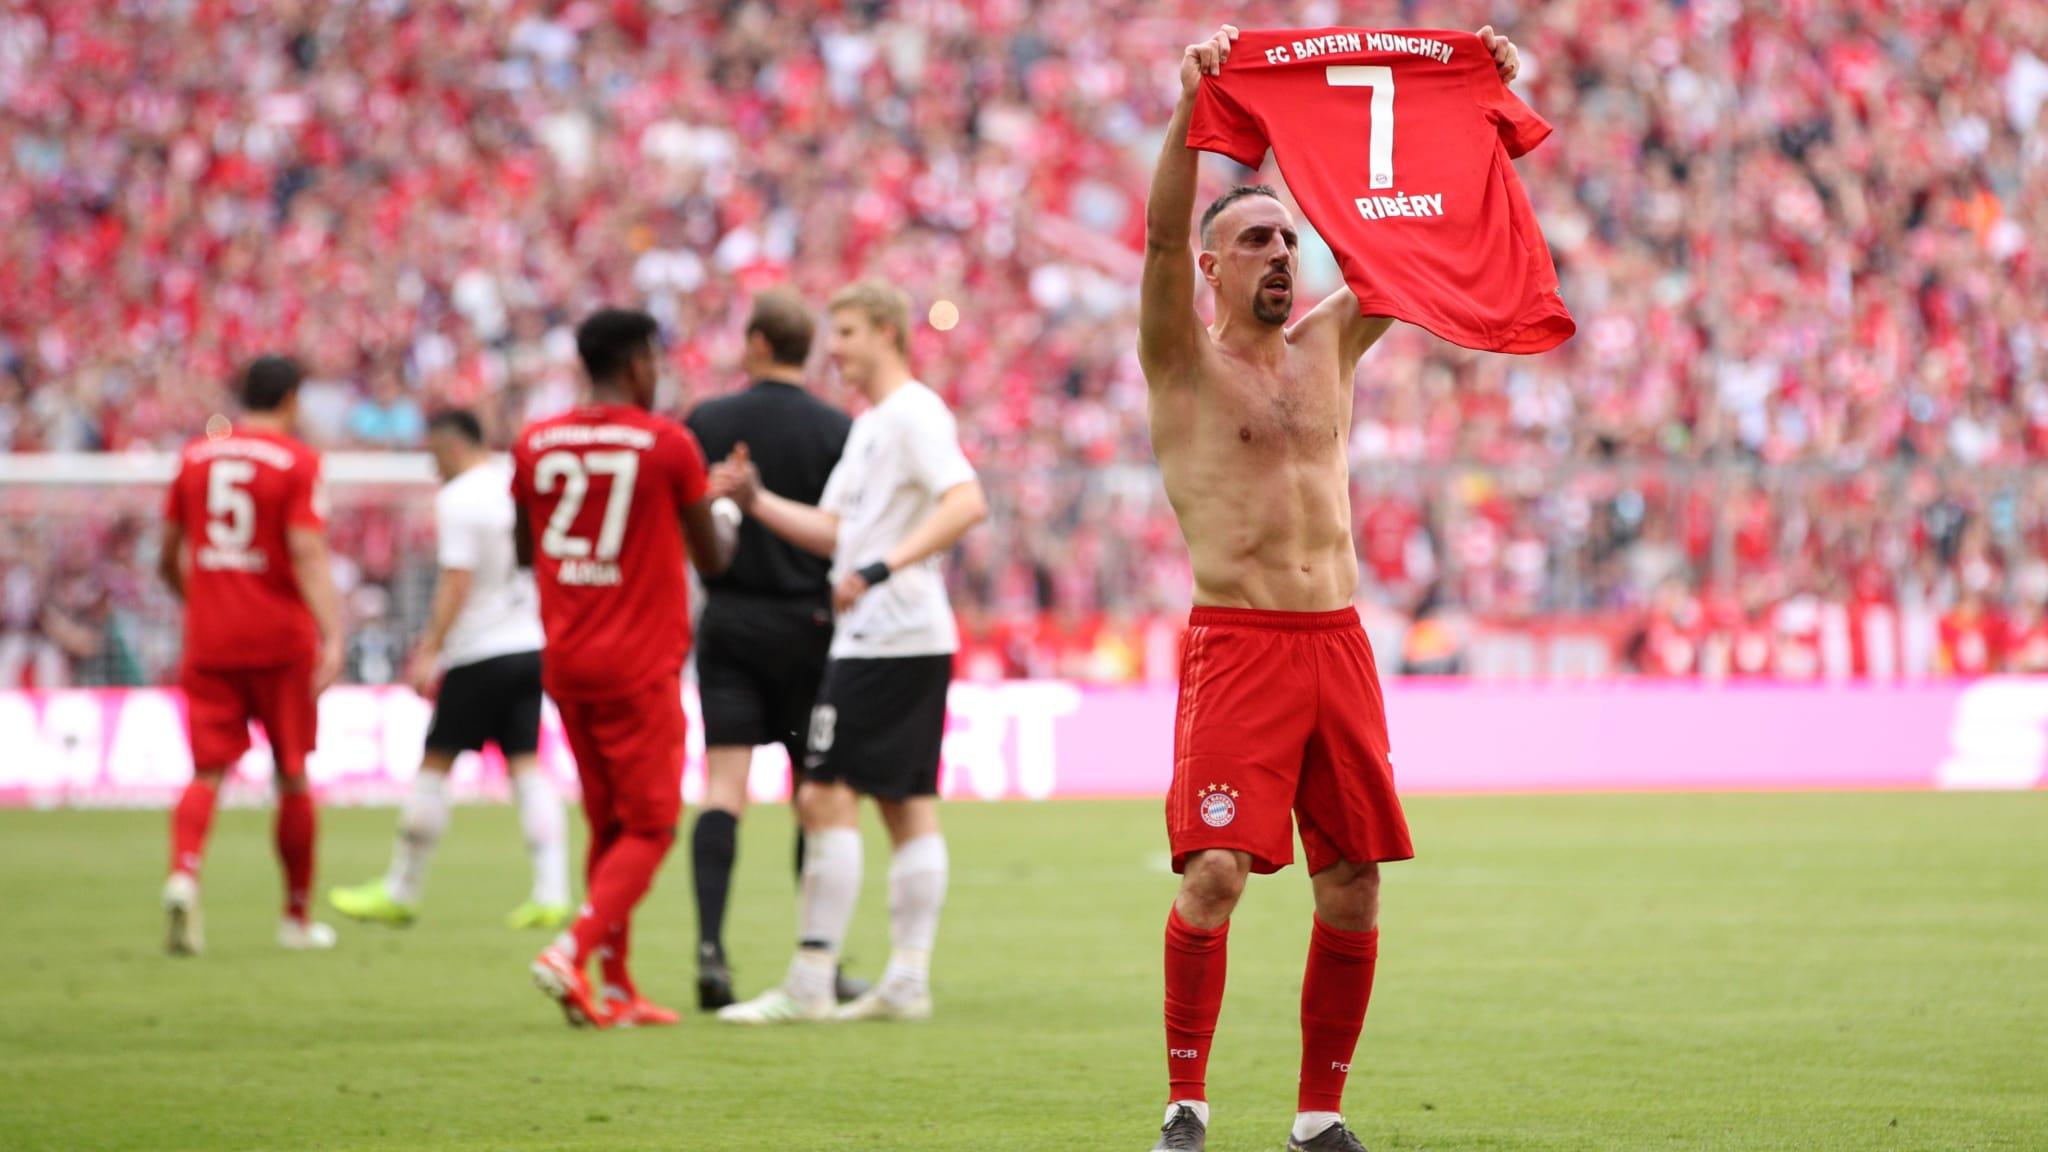 Franck Ribery of Bayern Munich celebrates